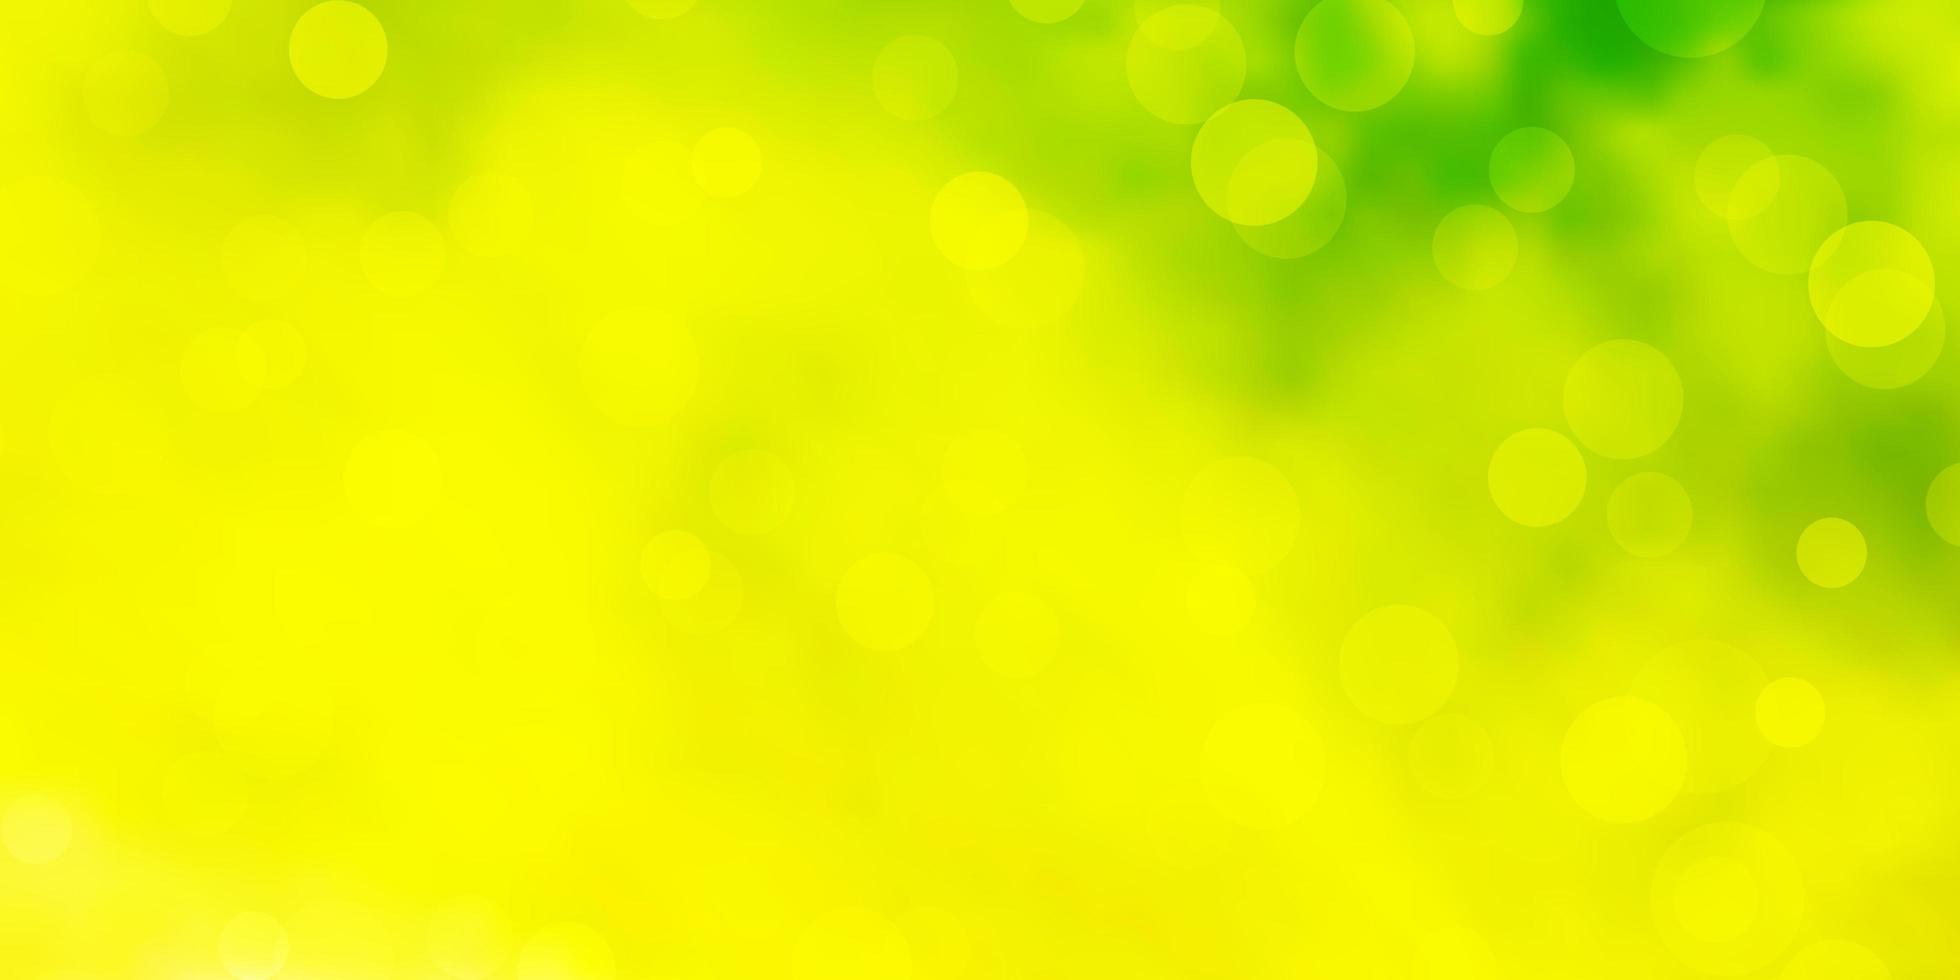 modello vettoriale verde chiaro, giallo con sfere.